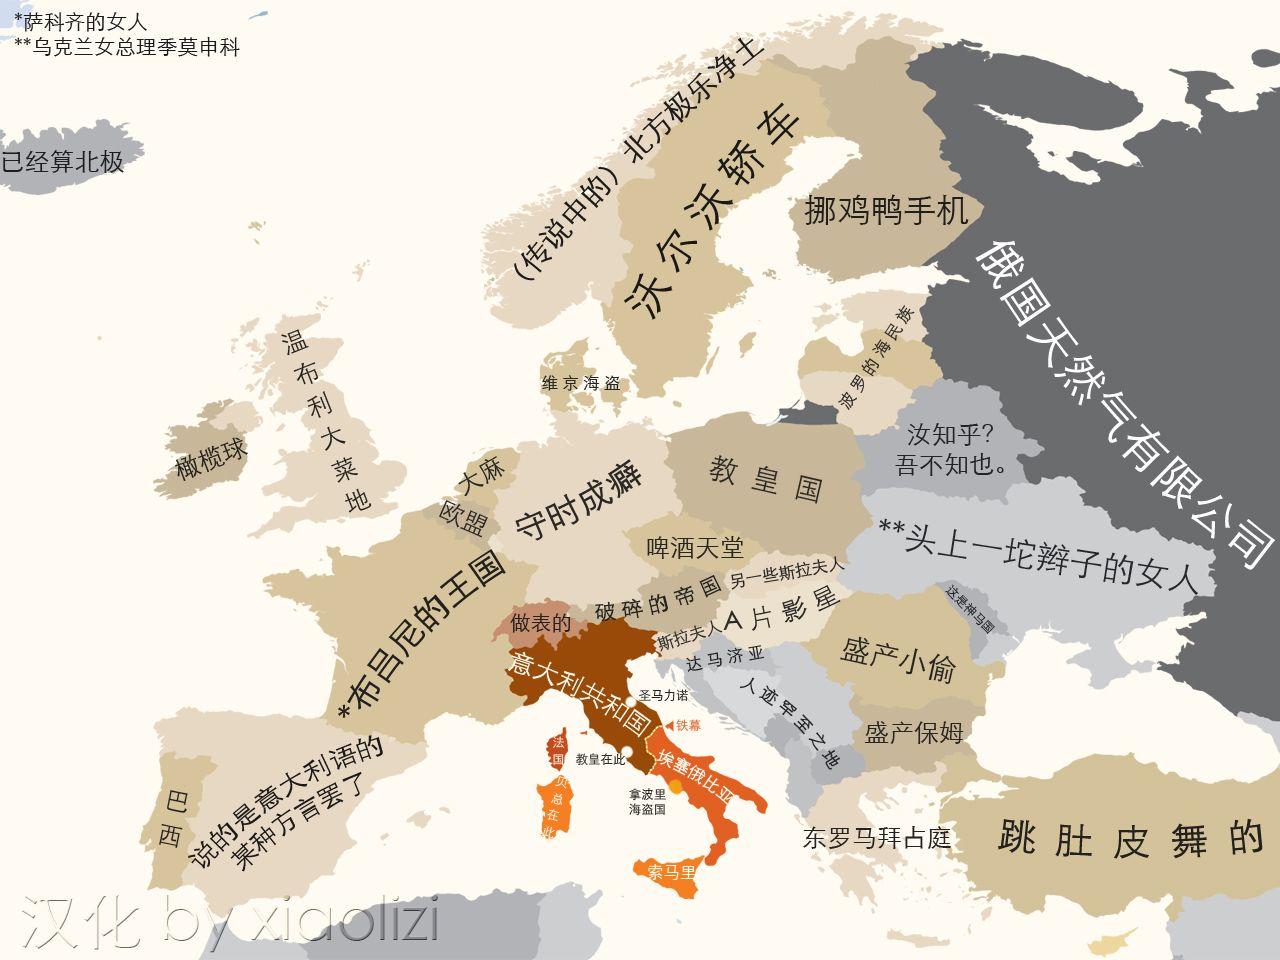 欧洲手绘地形图